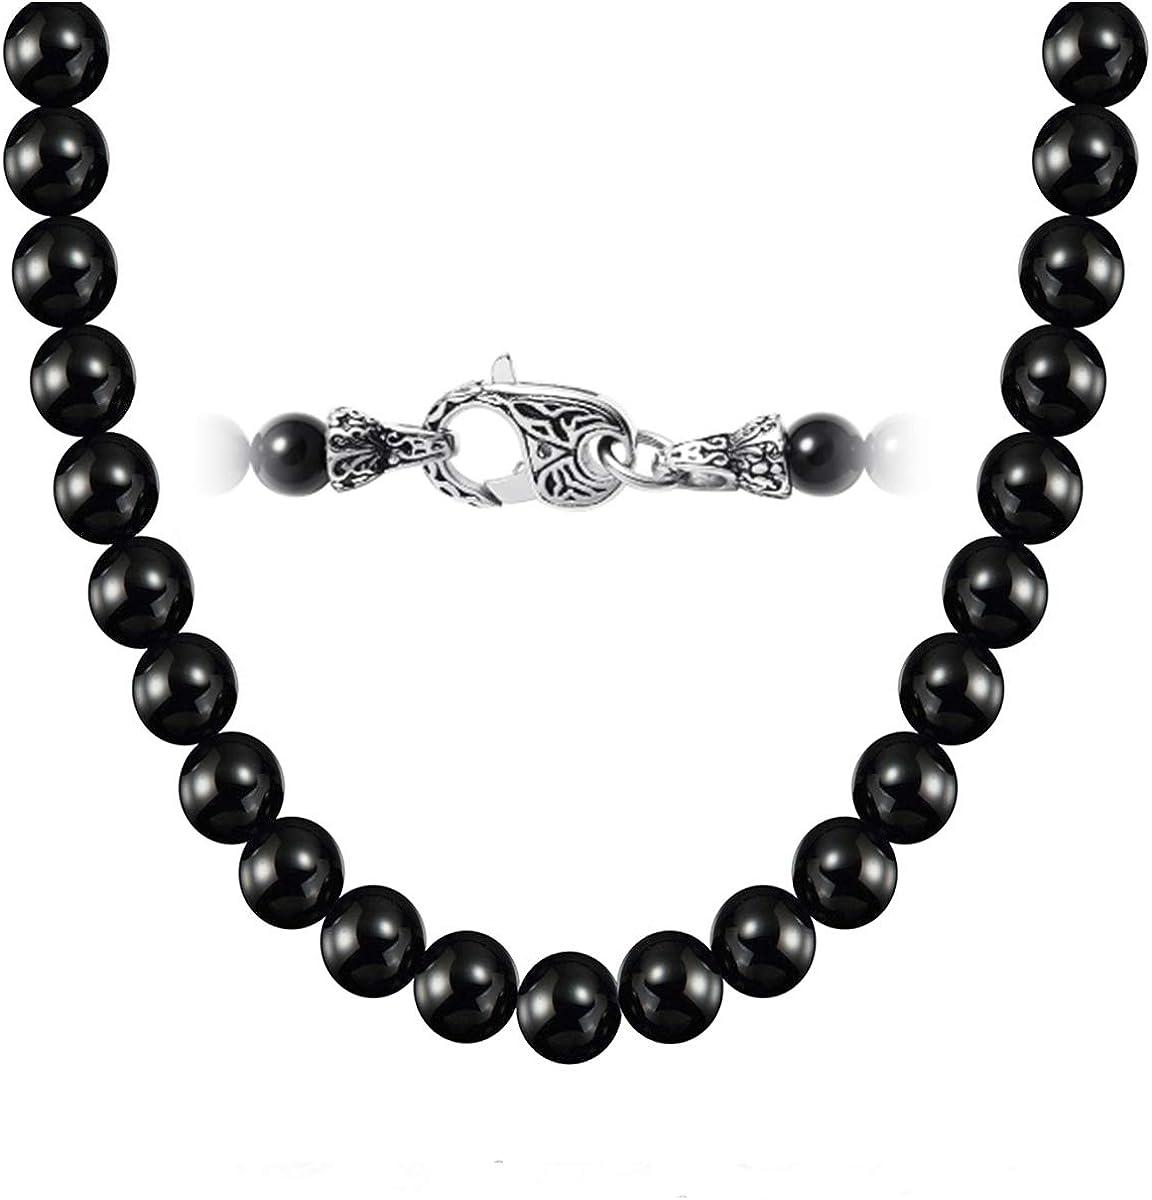 Masarwa Collier pour Homme avec Perles en Onyx Naturelles Noires 8 mm et Pierres pr/écieuses 50 cm livr/é avec bo/îte Cadeau